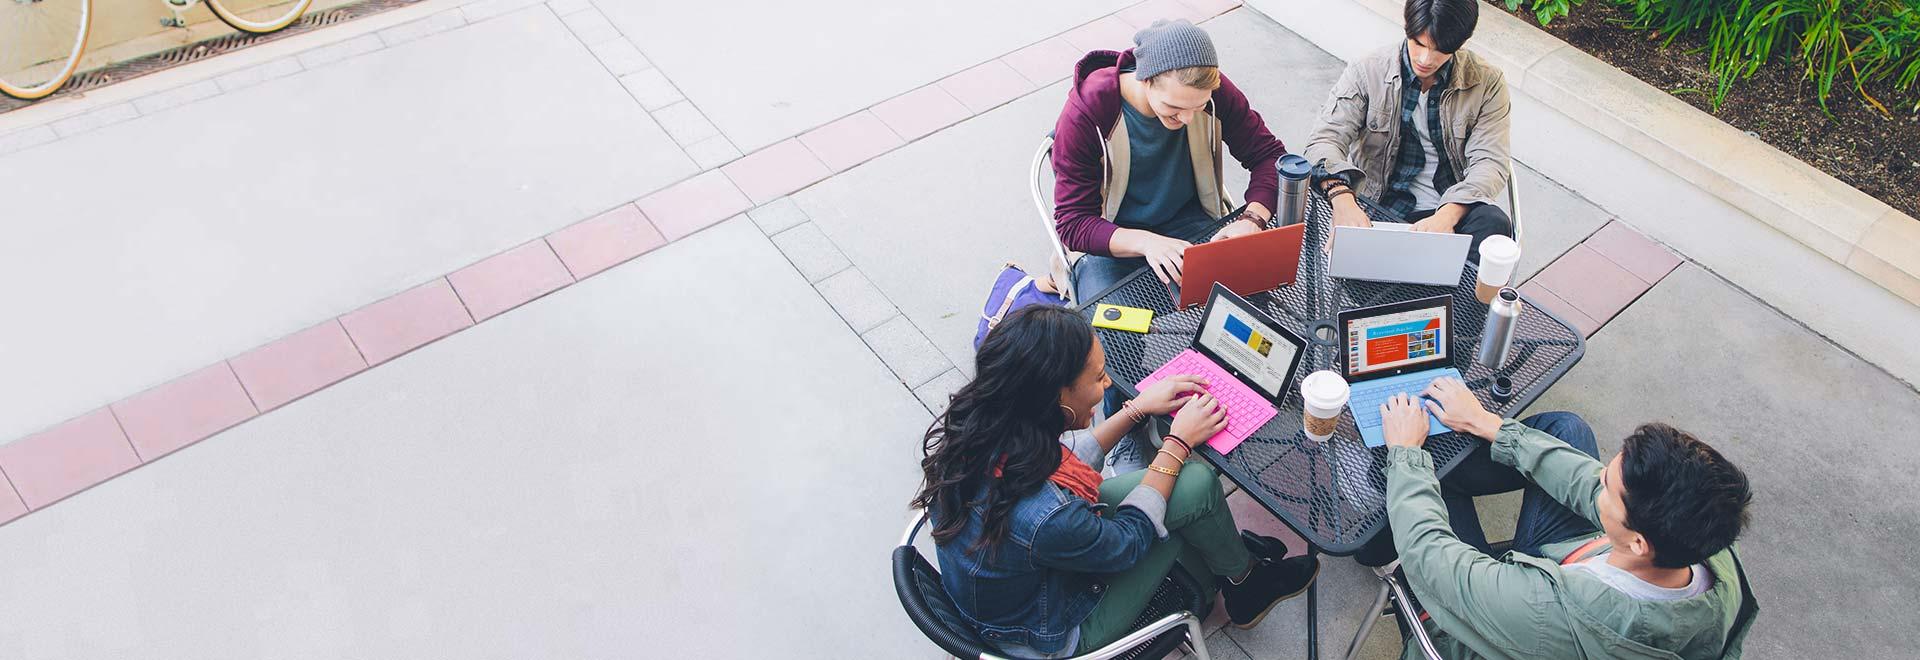 Czworo studentów siedzących przy stole na zewnątrz, korzystających z usługi Office 365 dla instytucji edukacyjnych na tabletach.